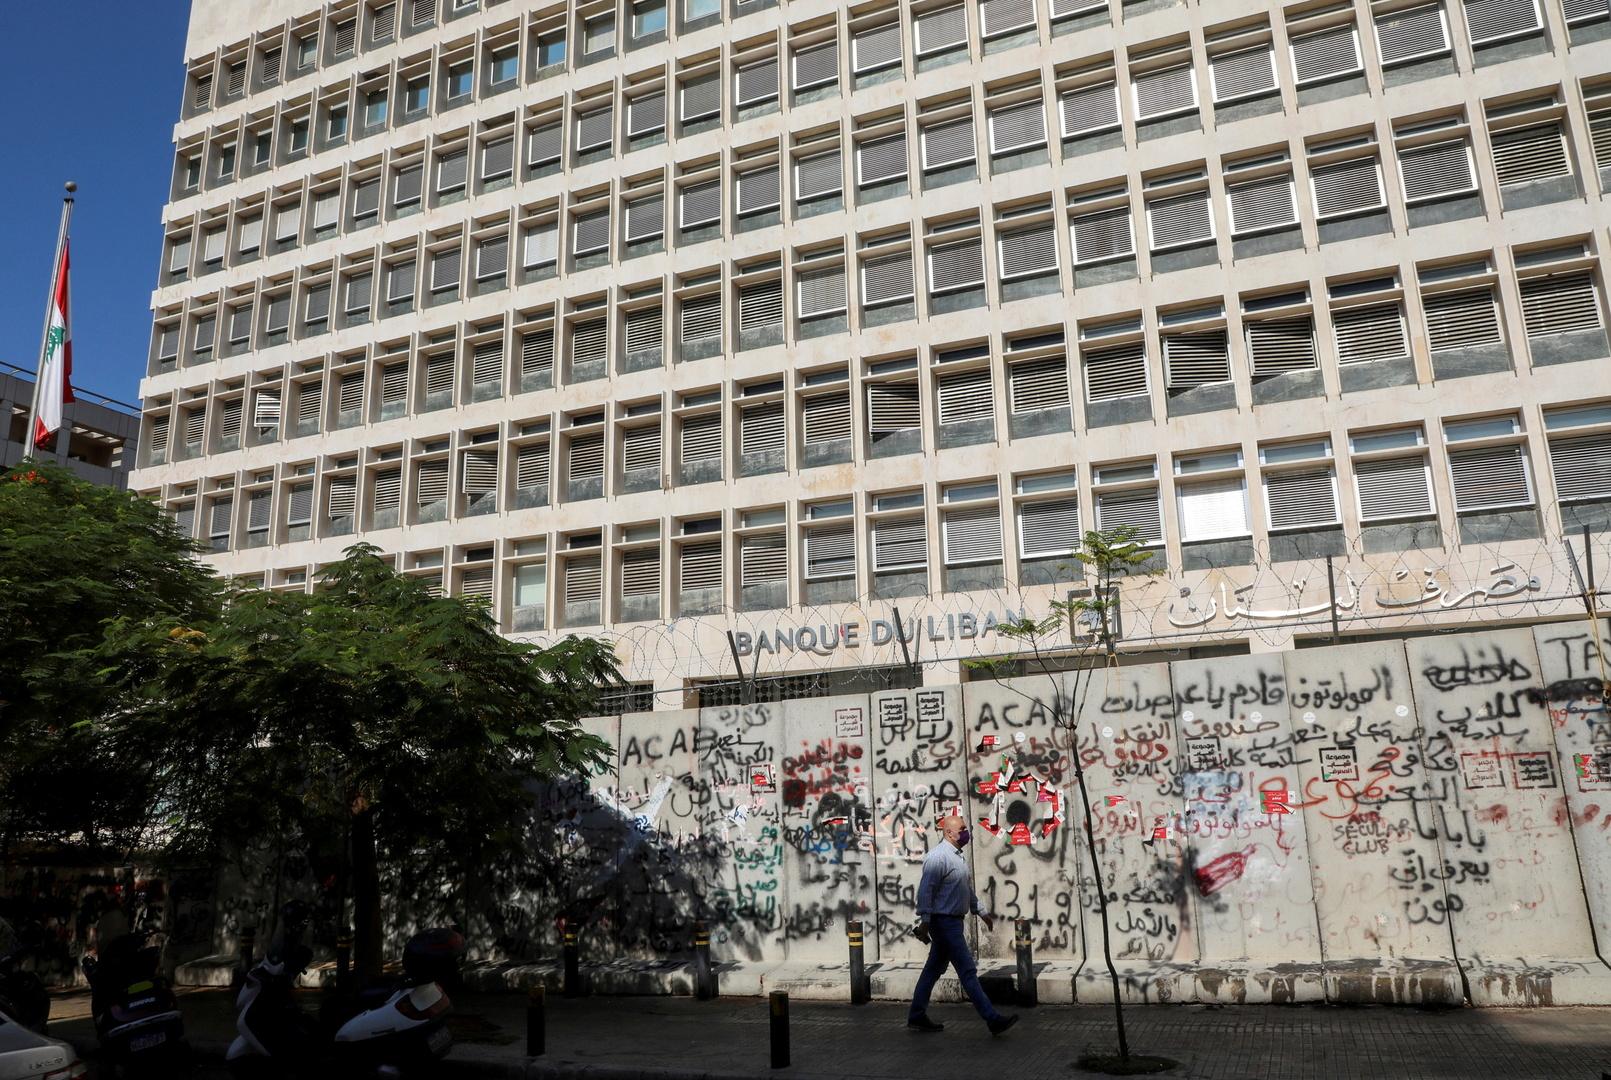 مصرف لبنان المركزي يرصد 400 مليون دولار لتمويل واردات الأدوية والطحين